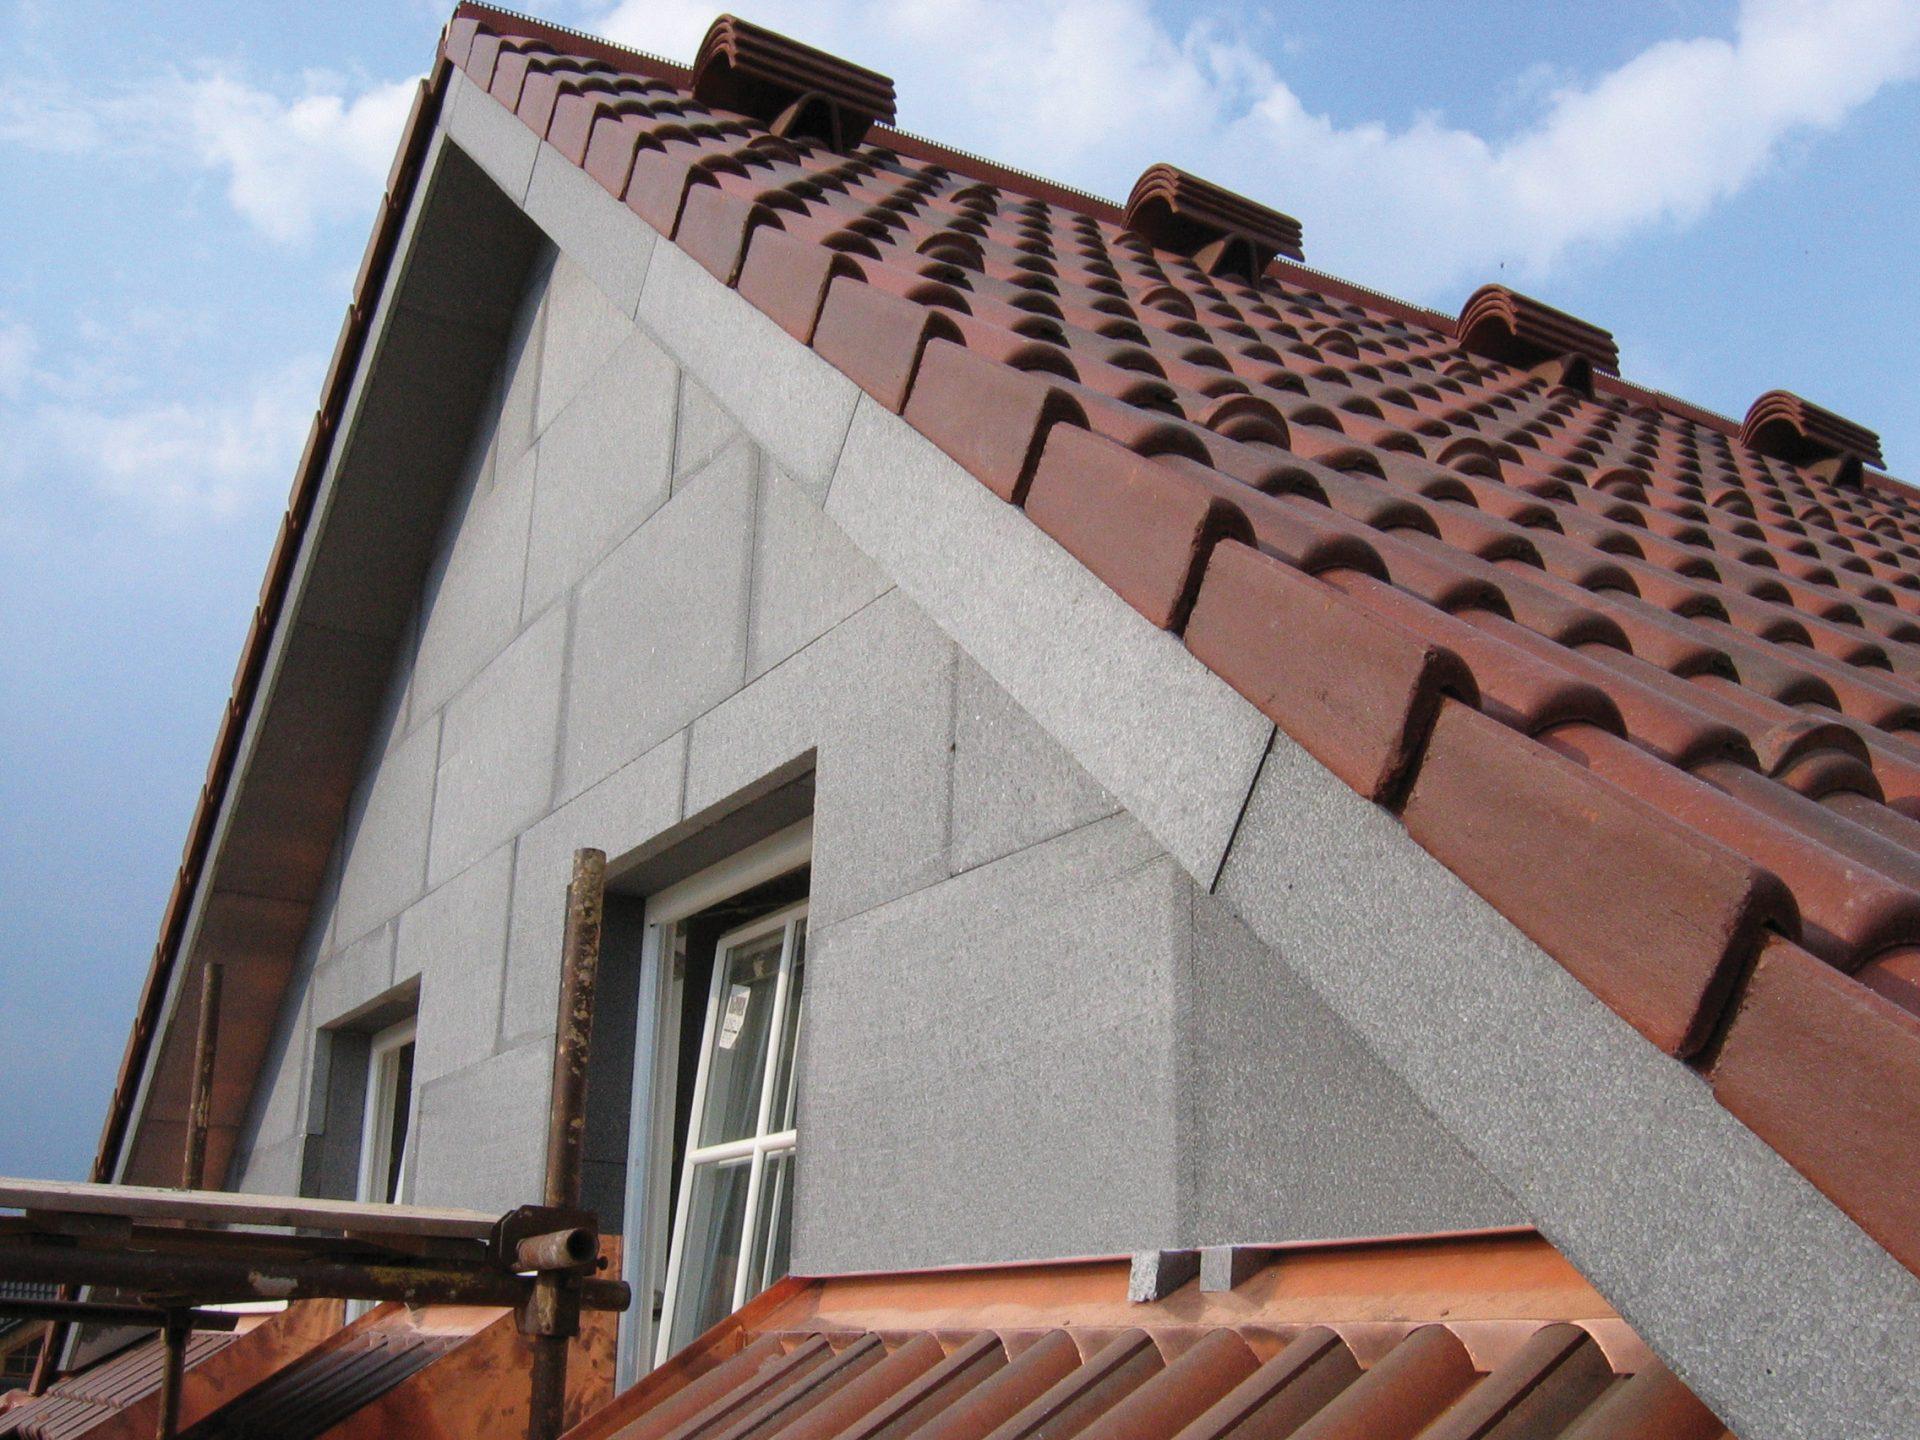 zateplenie-domu-strecha-okna-novostavba